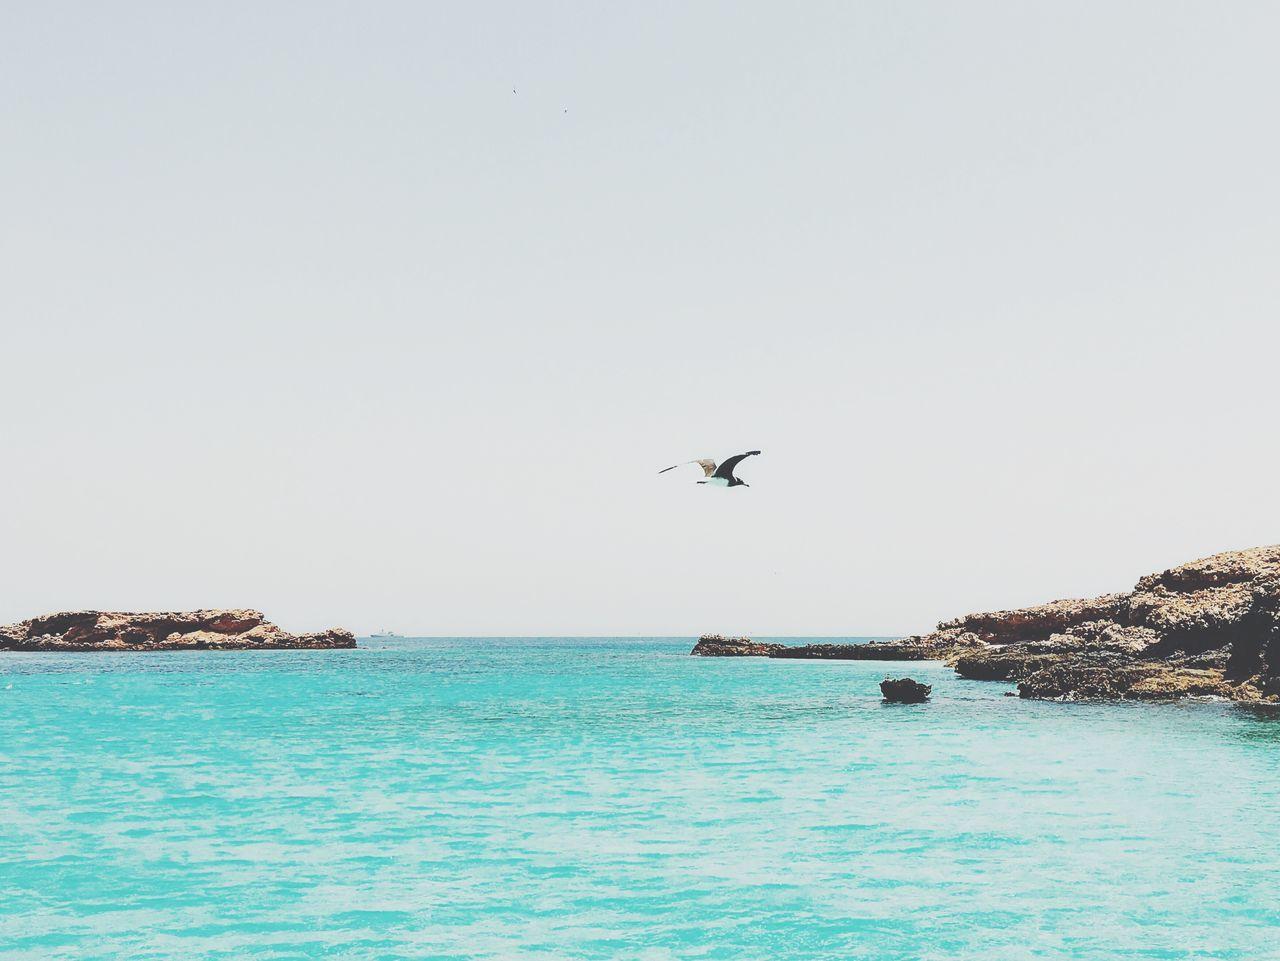 Bird Flying Over Calm Blue Sea